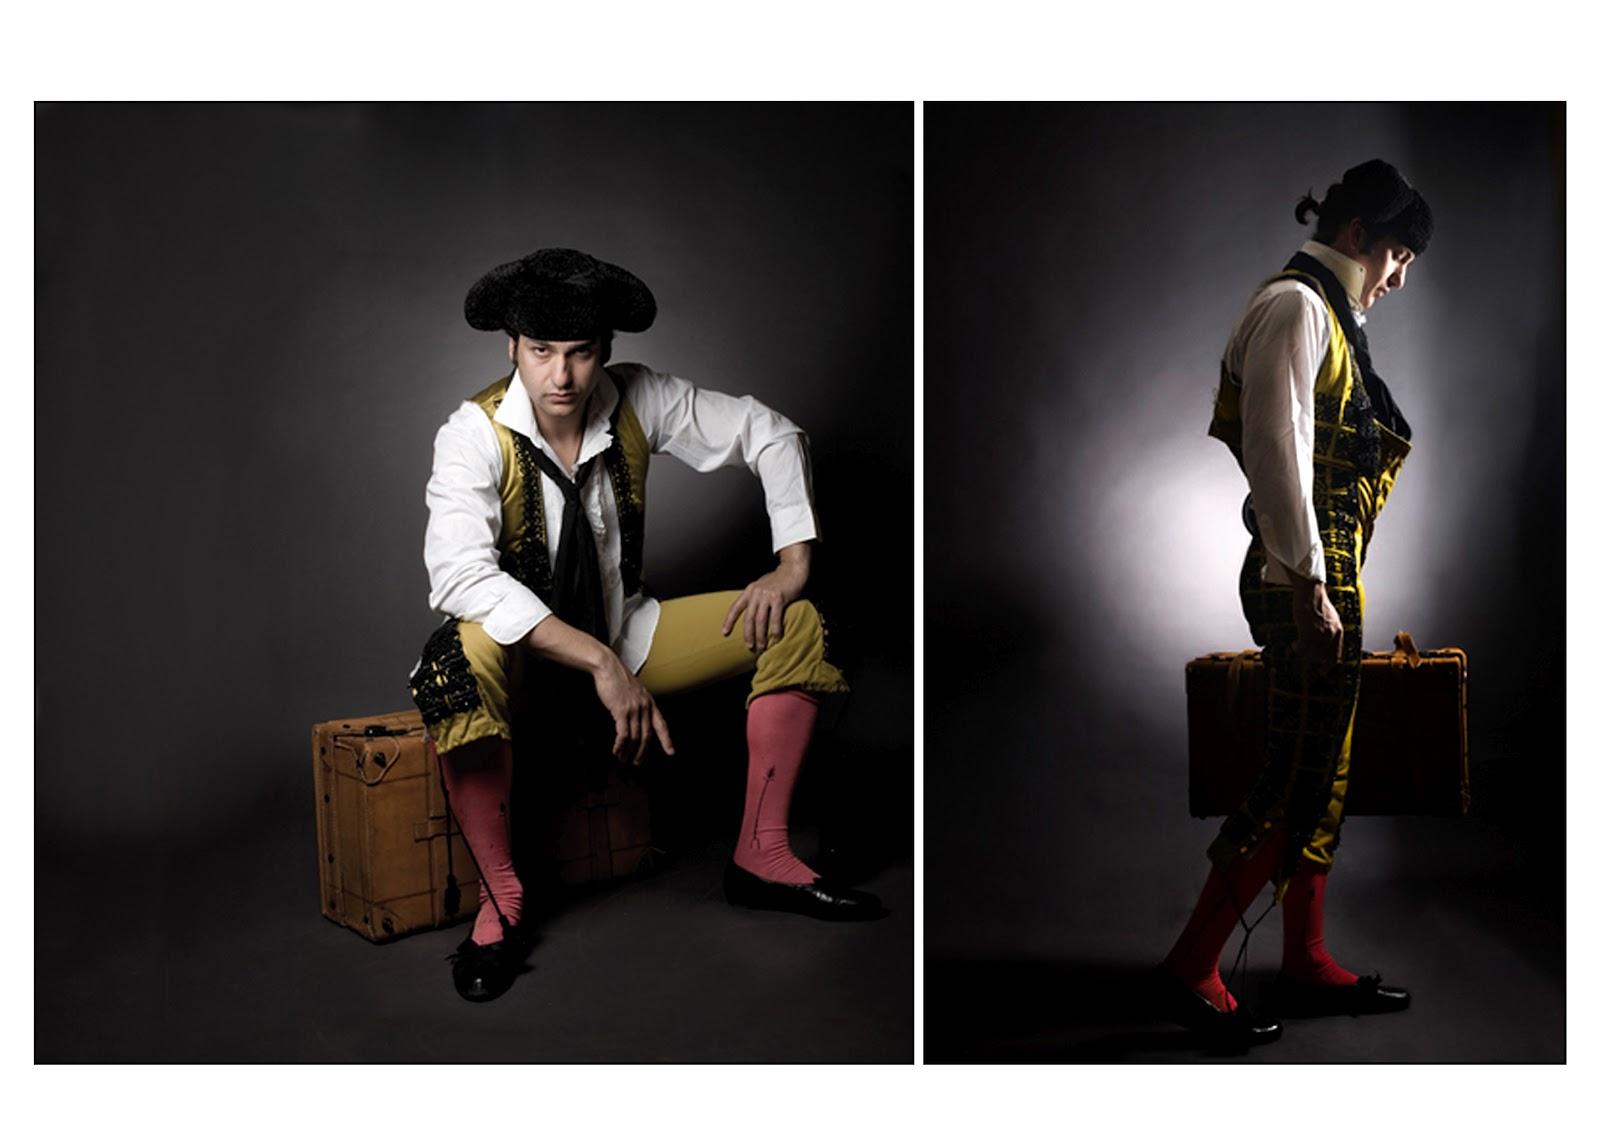 Una foto de Morante cada día - Página 19 18Retratos+con+maleta+en+color2+(1)